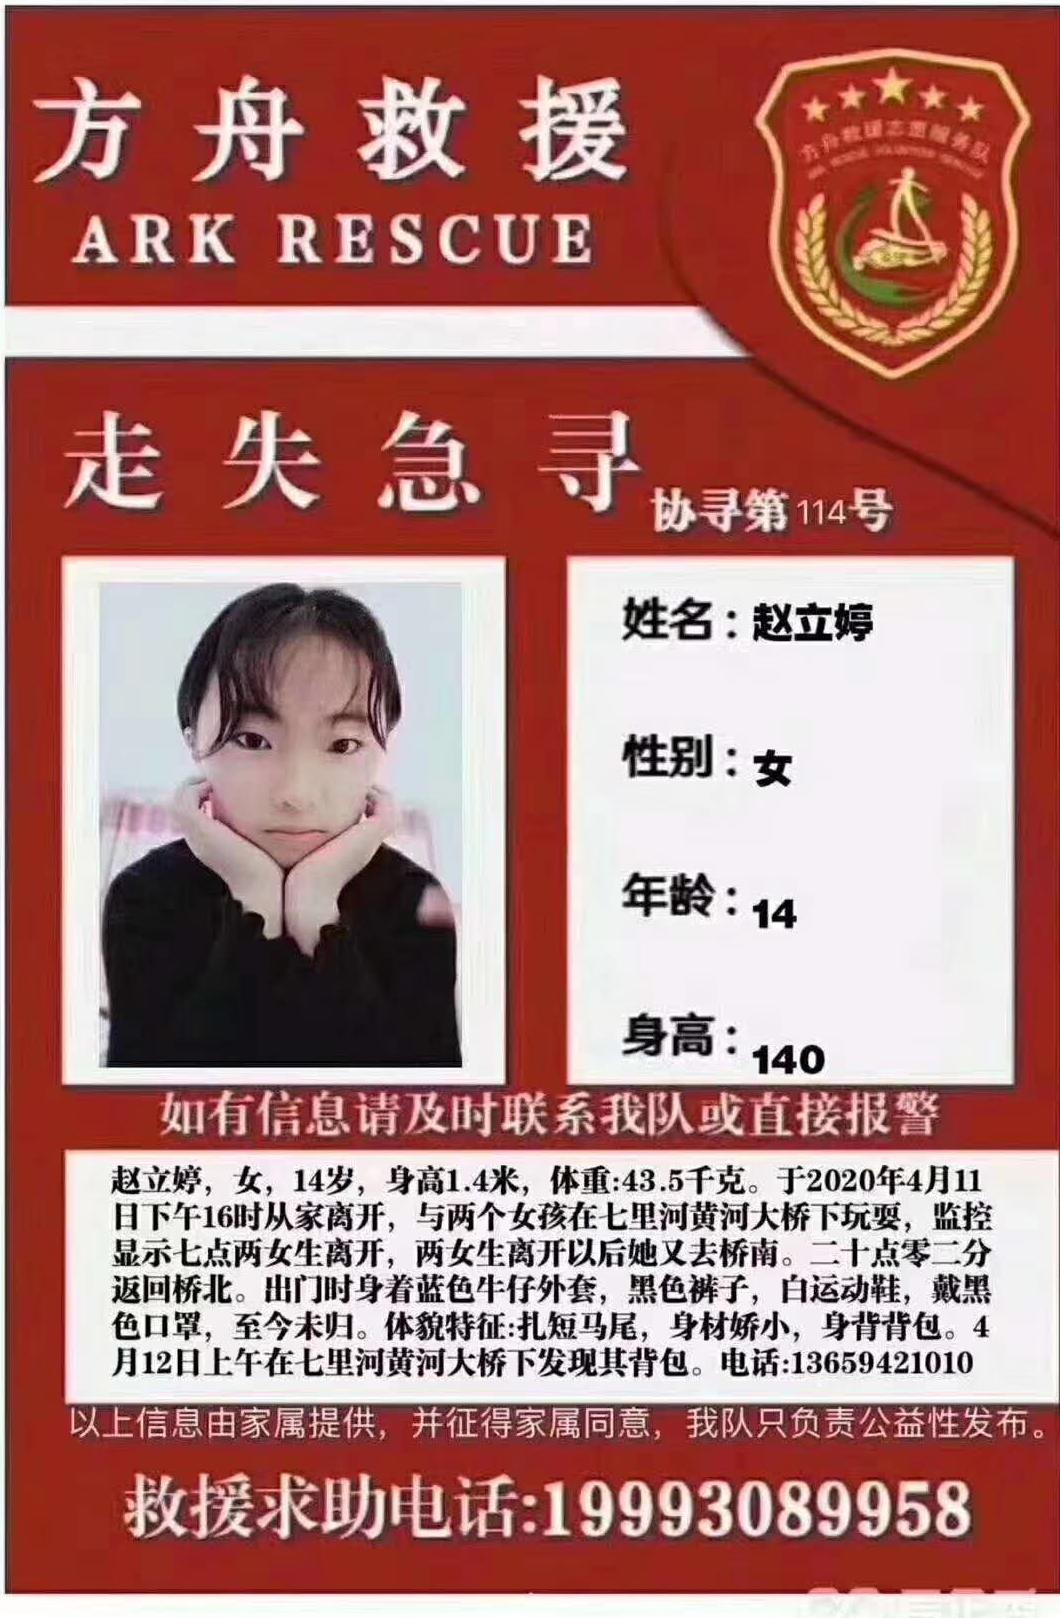 兰州14岁女孩黄河边失踪 至今17天仍无音讯